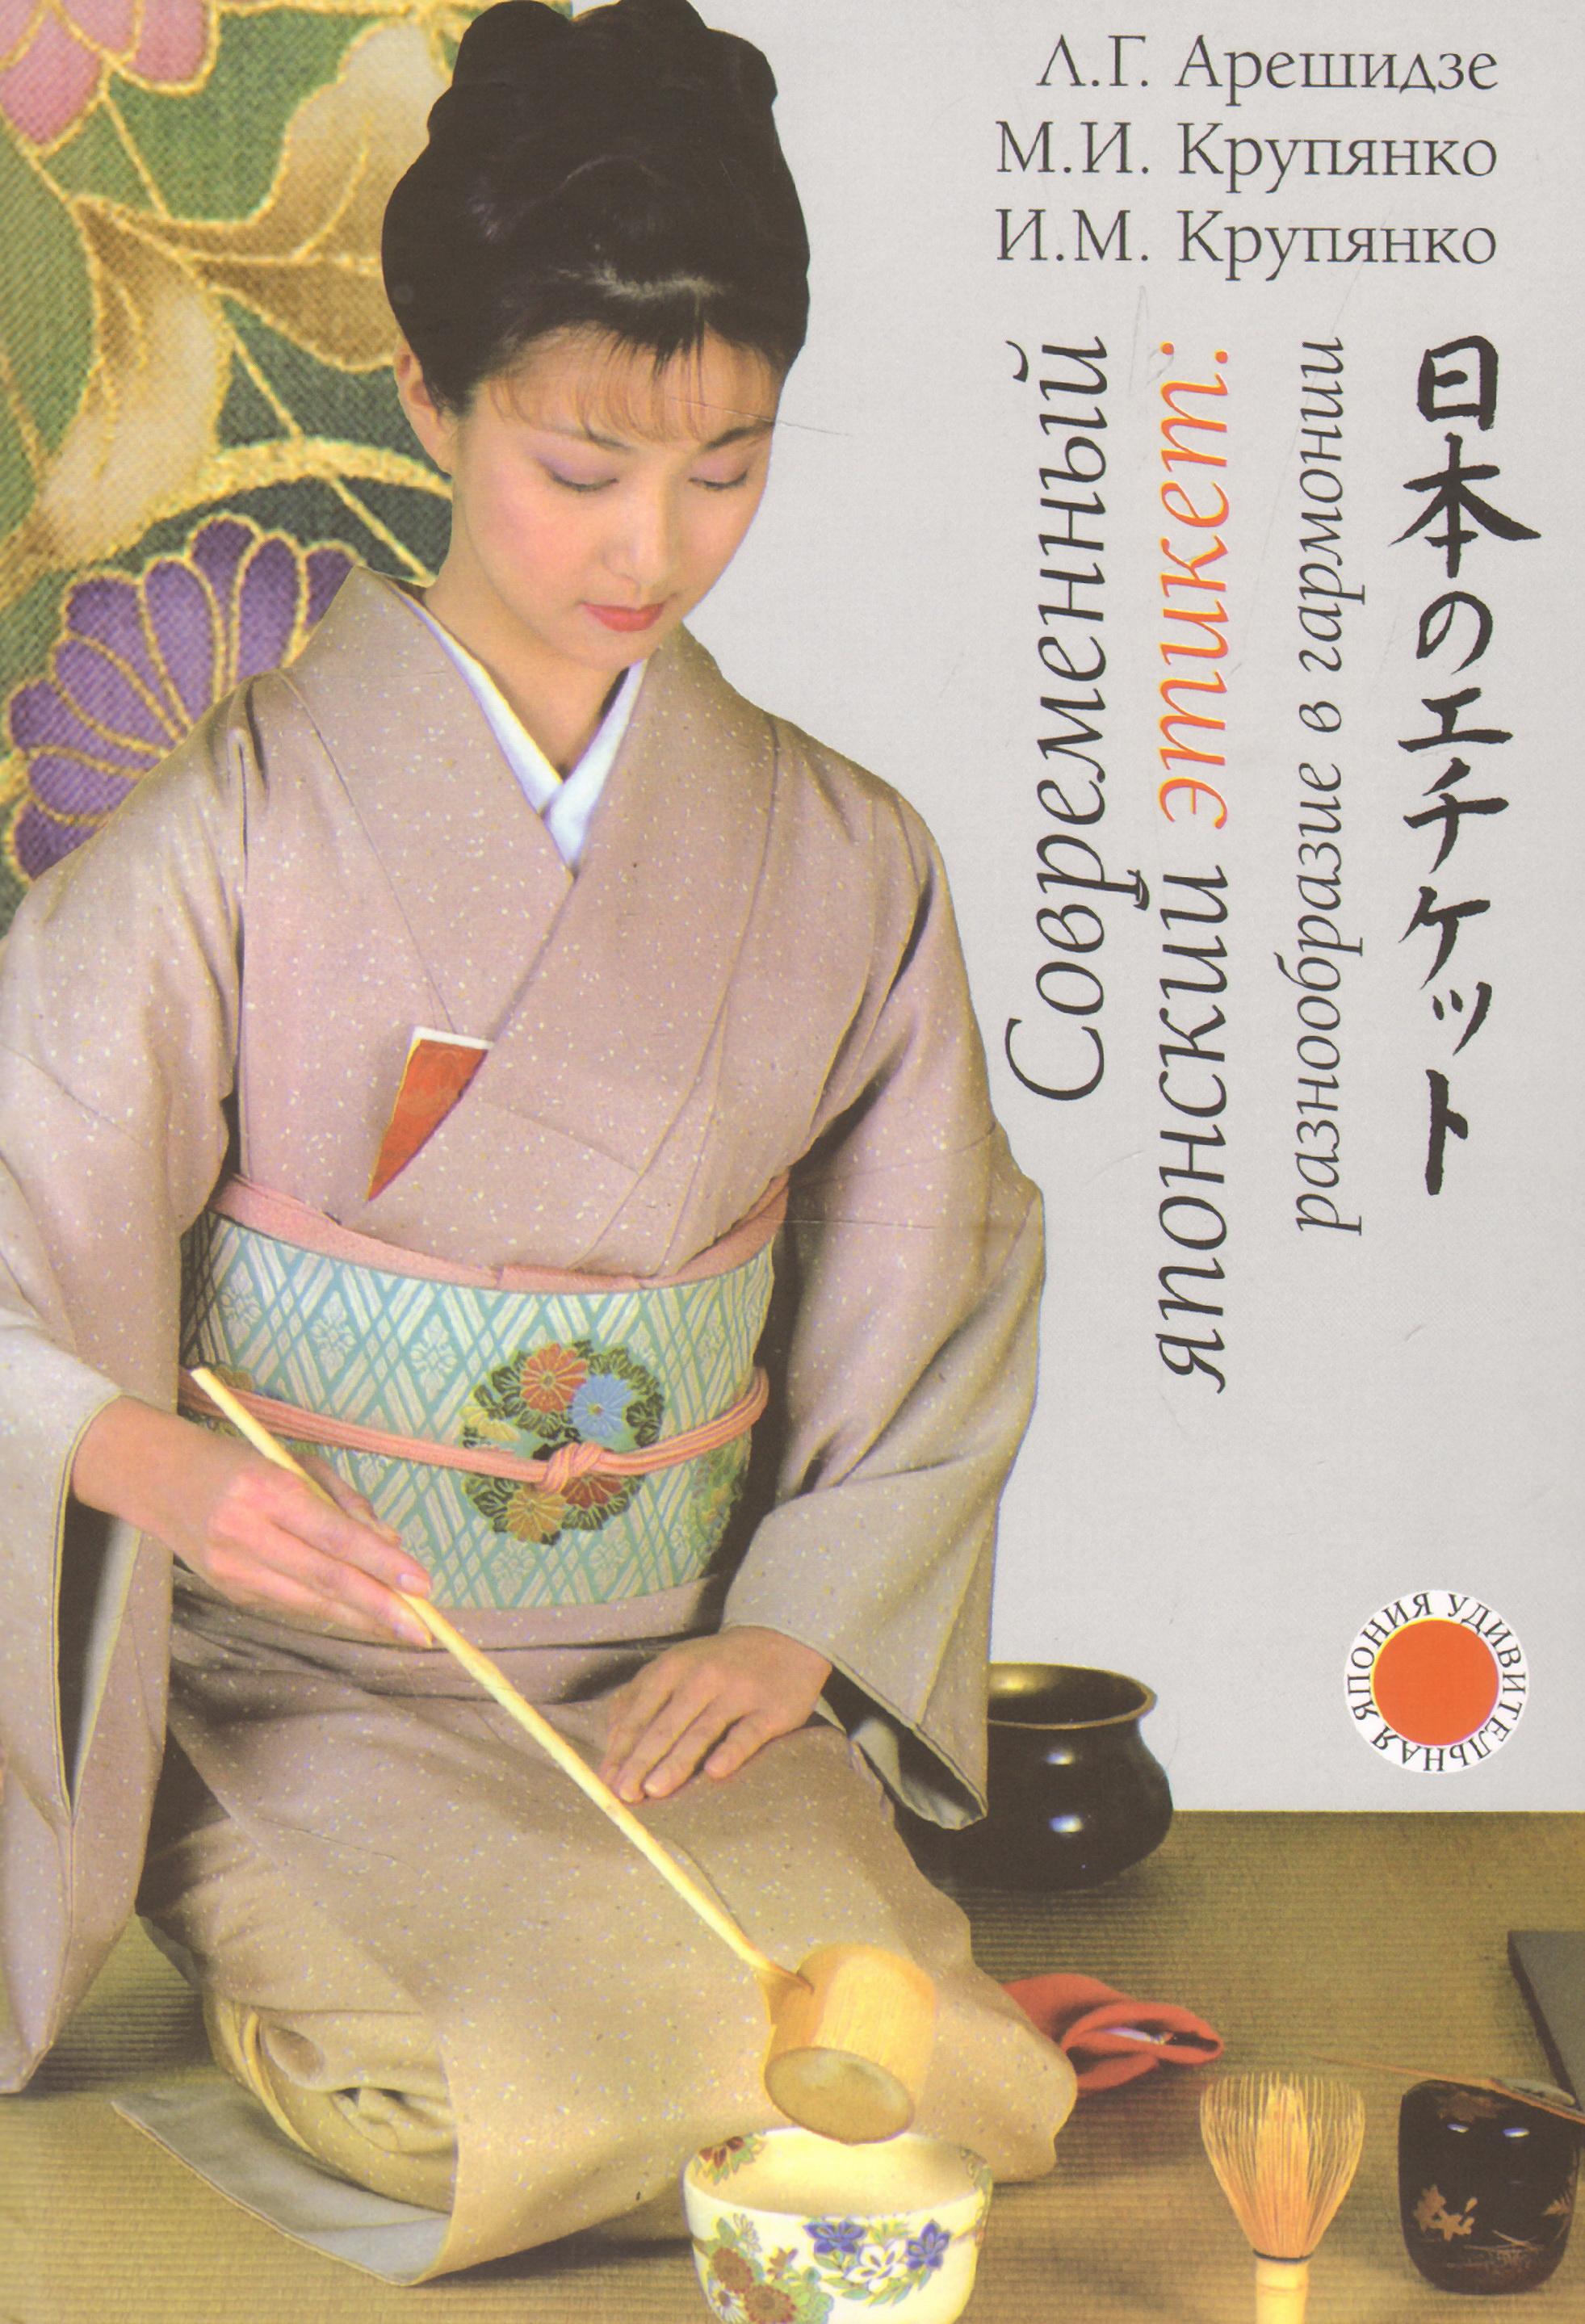 Современный японский этикет: разнообразие в гарм.